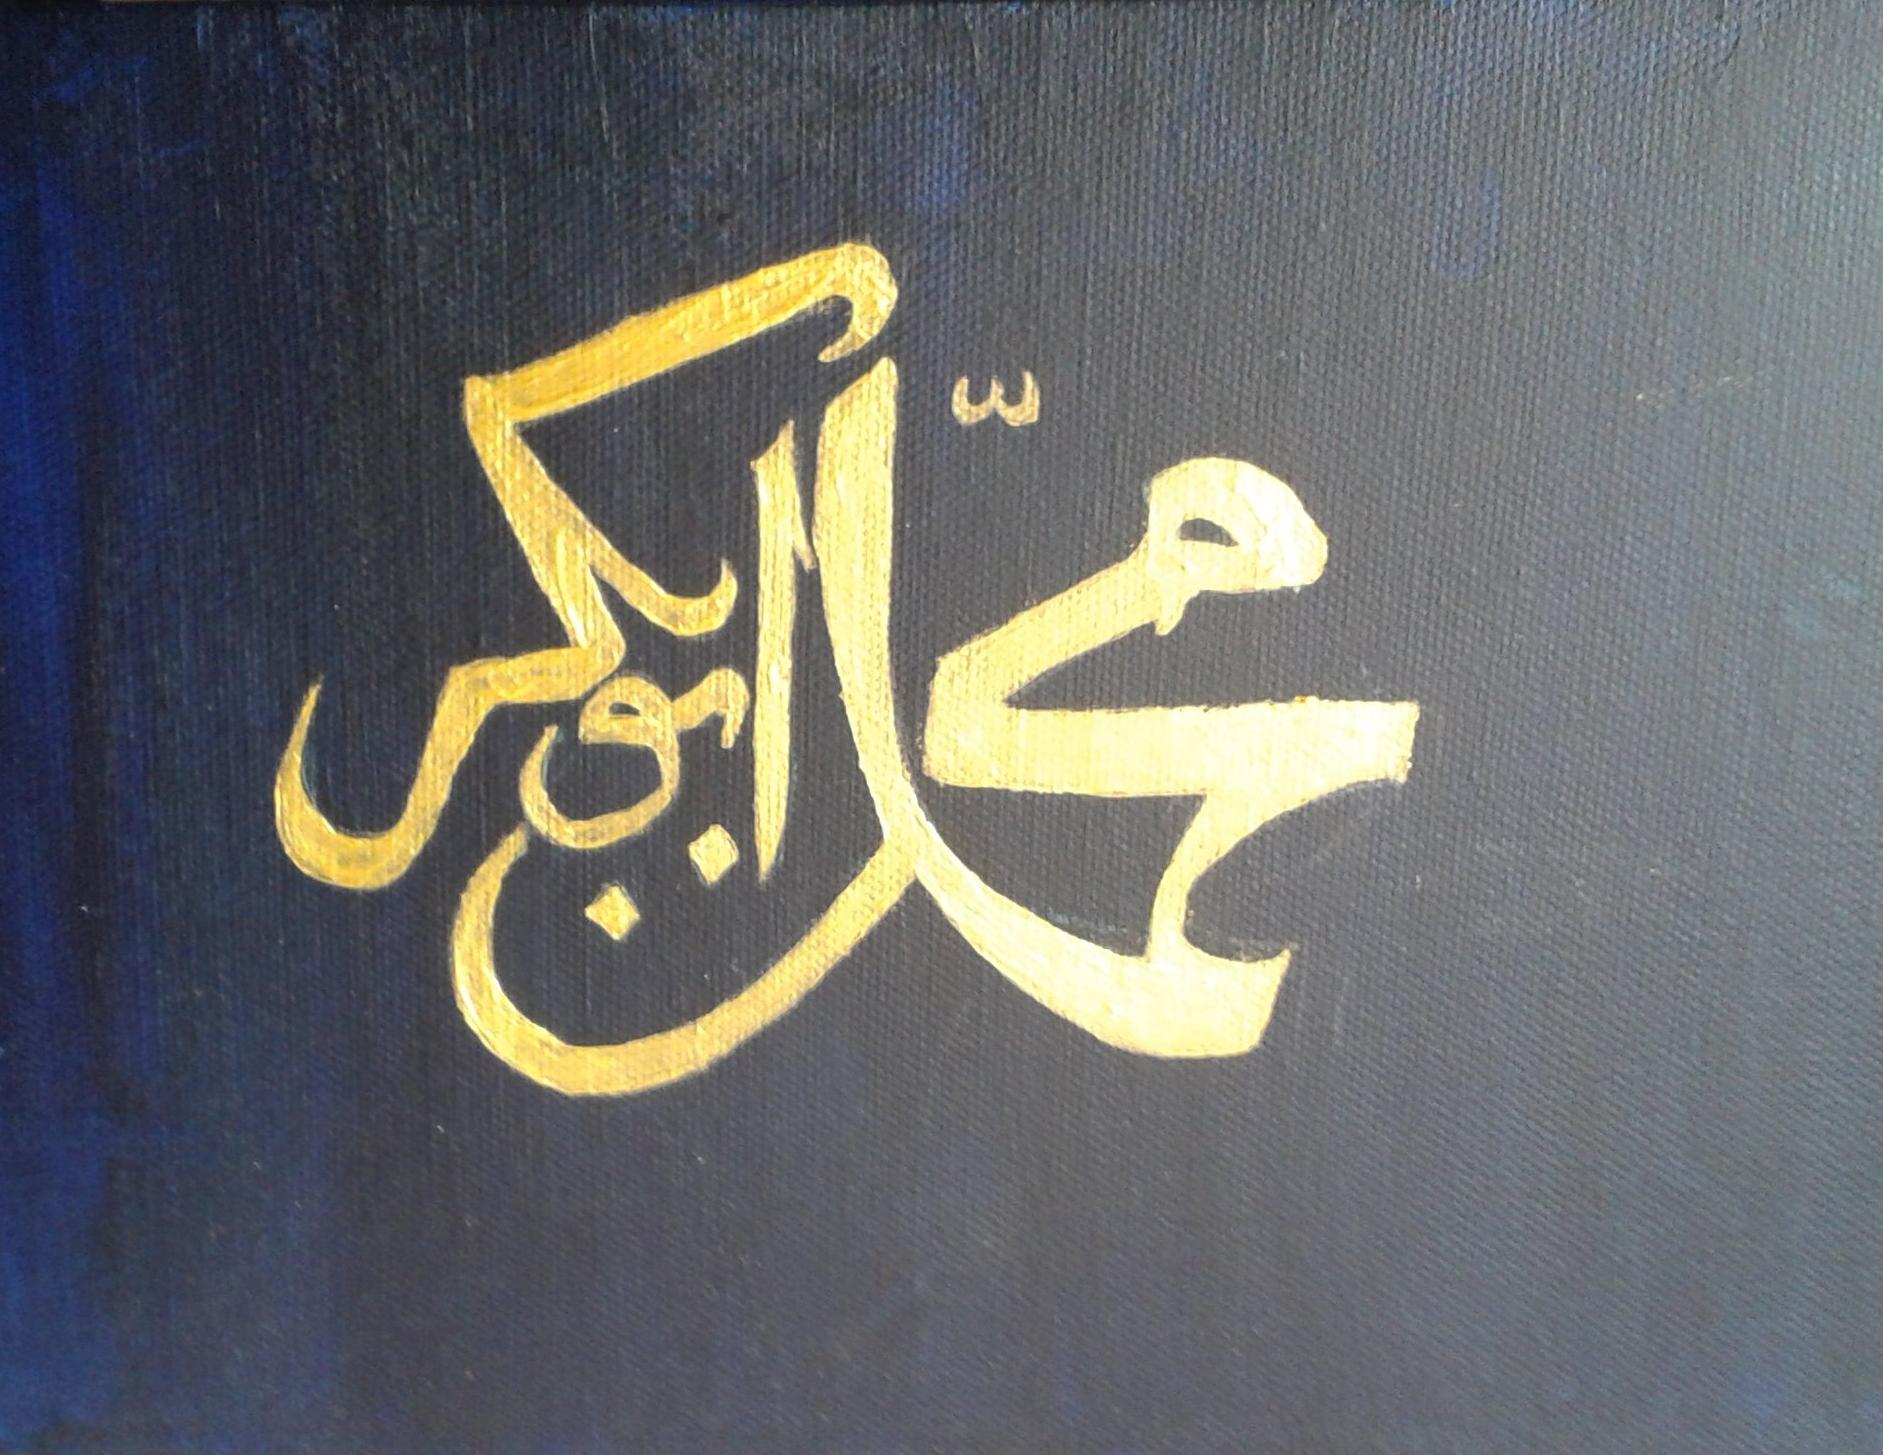 Mohammed and Abubakr.jpg